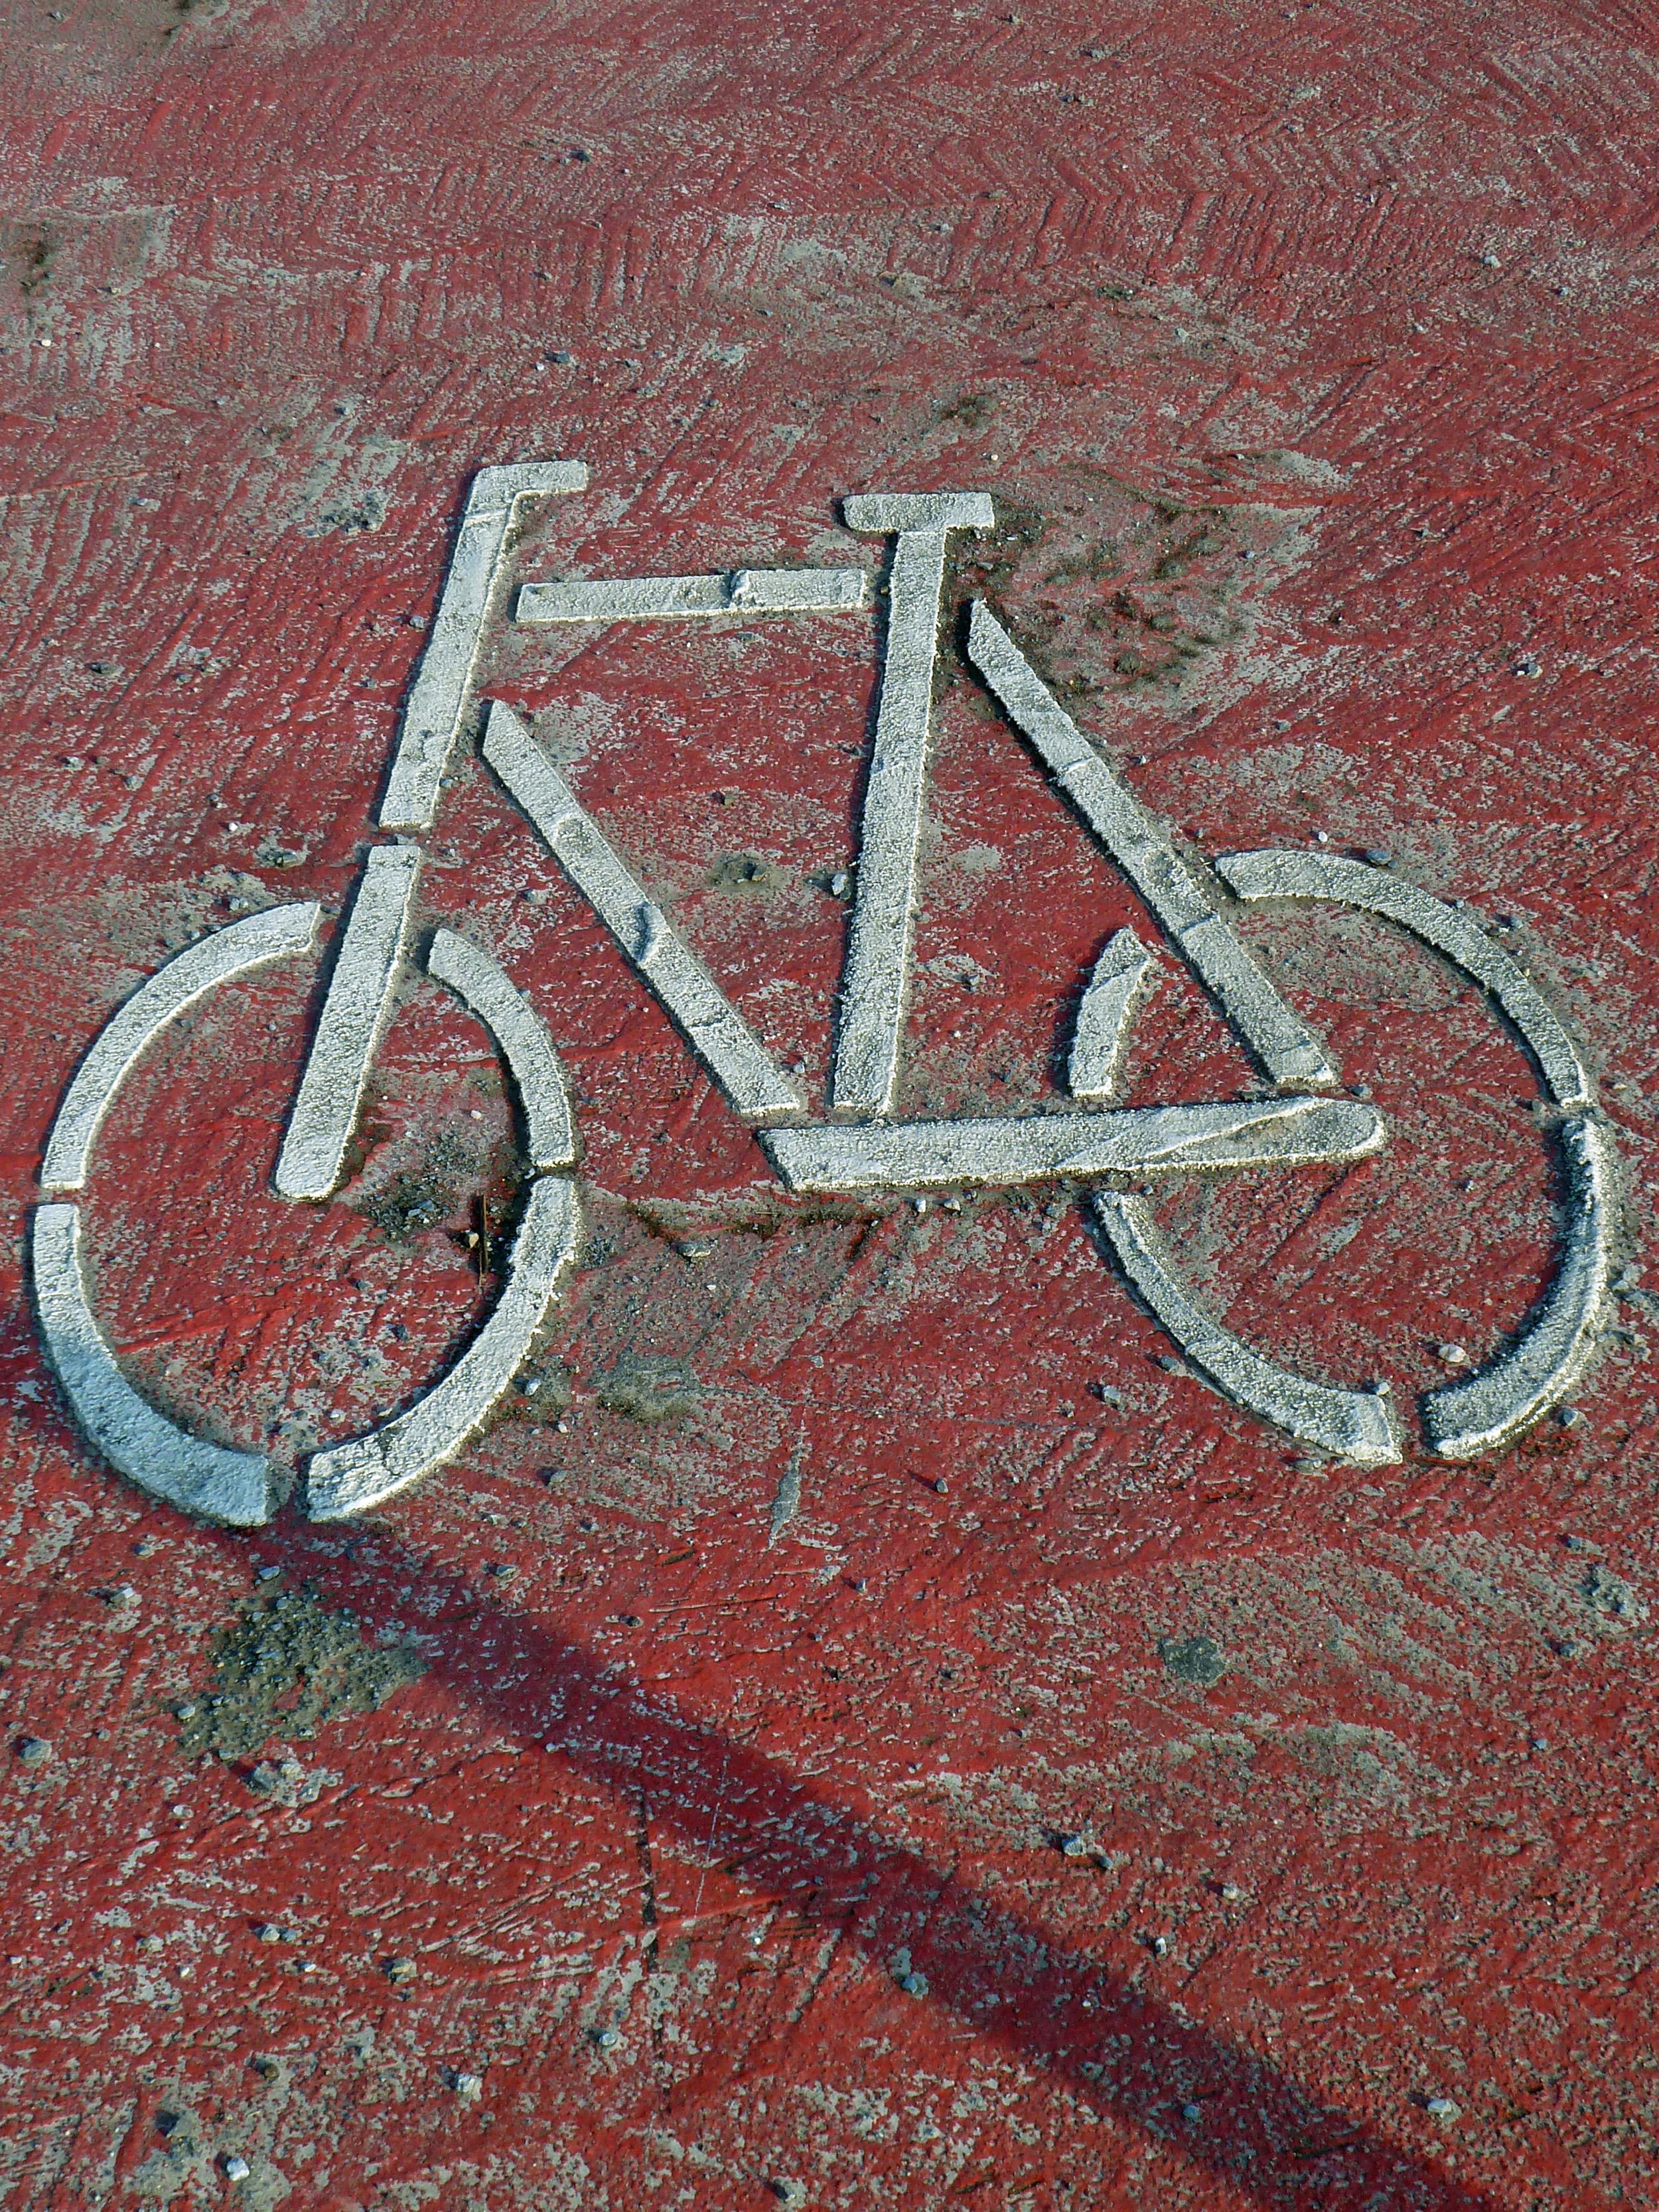 Wer den Radweg verlässt, muss bei einem Unfall mithaften. Foto: © Gabi Schoenemann/pixelio.de